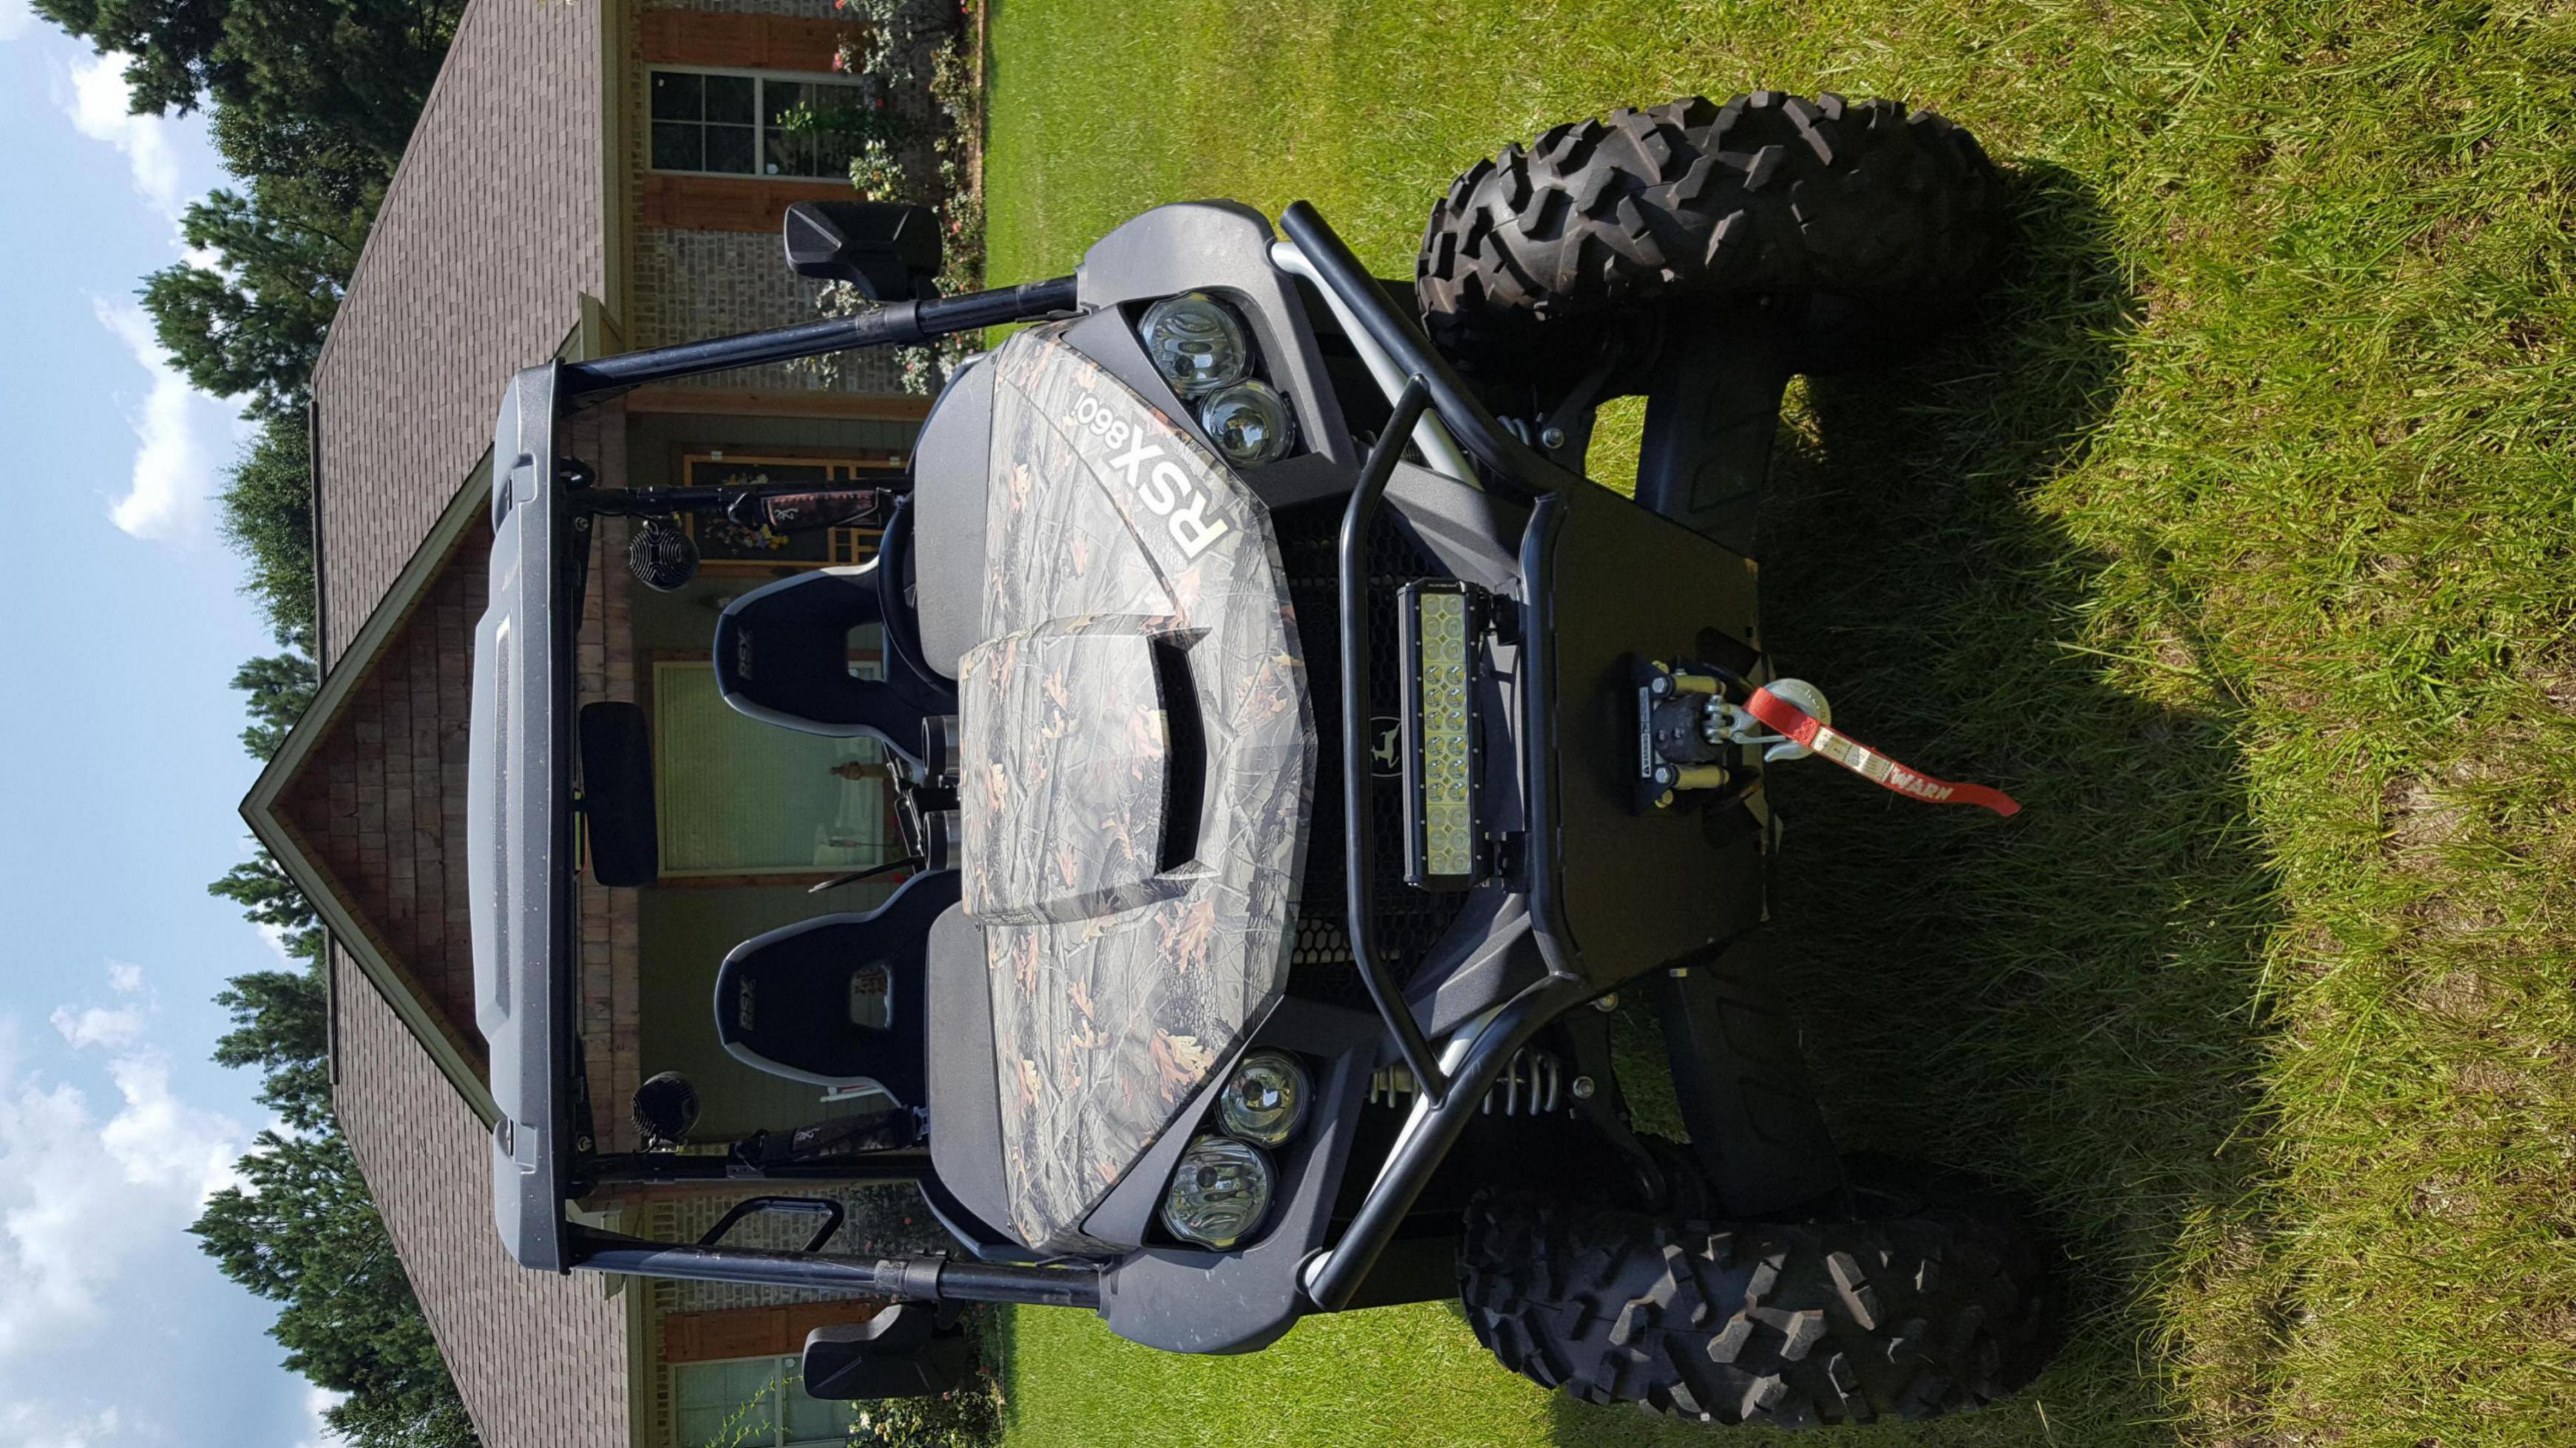 Rsx 860i 2 Quot Lift Pics John Deere Gator Forums